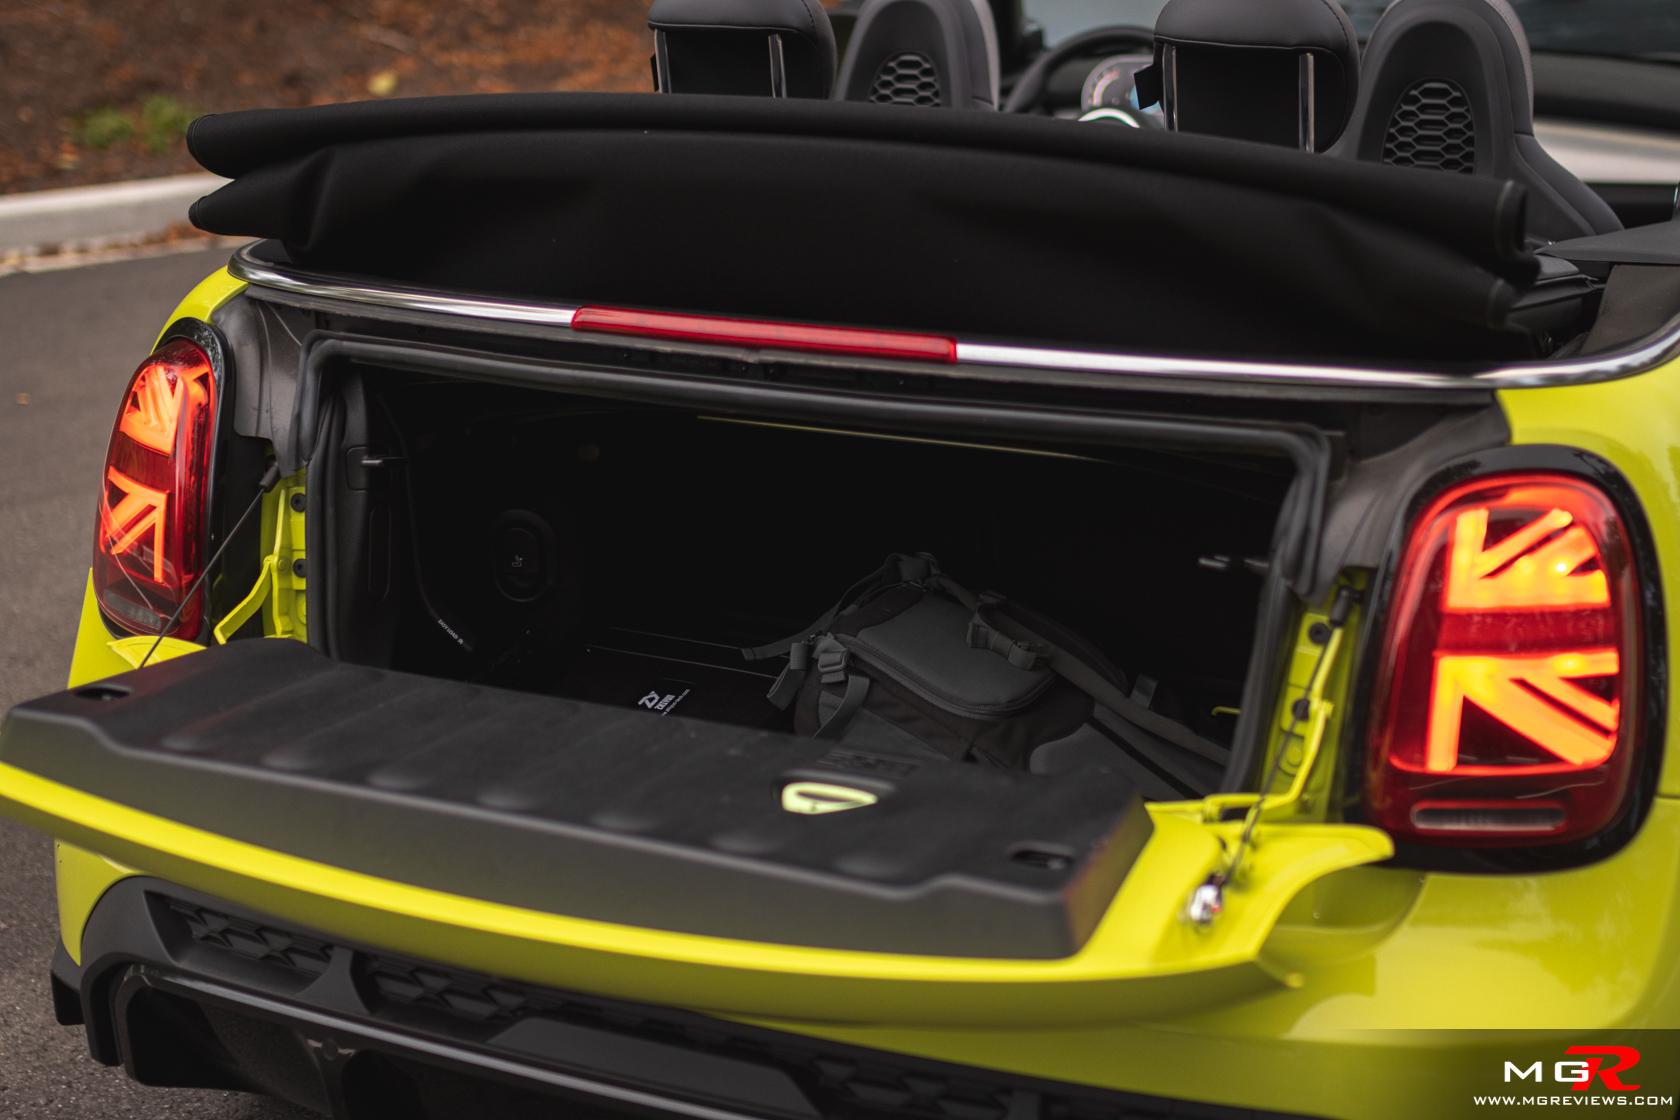 2022 Mini Cooper JCW Convertible vs 2021 Mazda MX-5